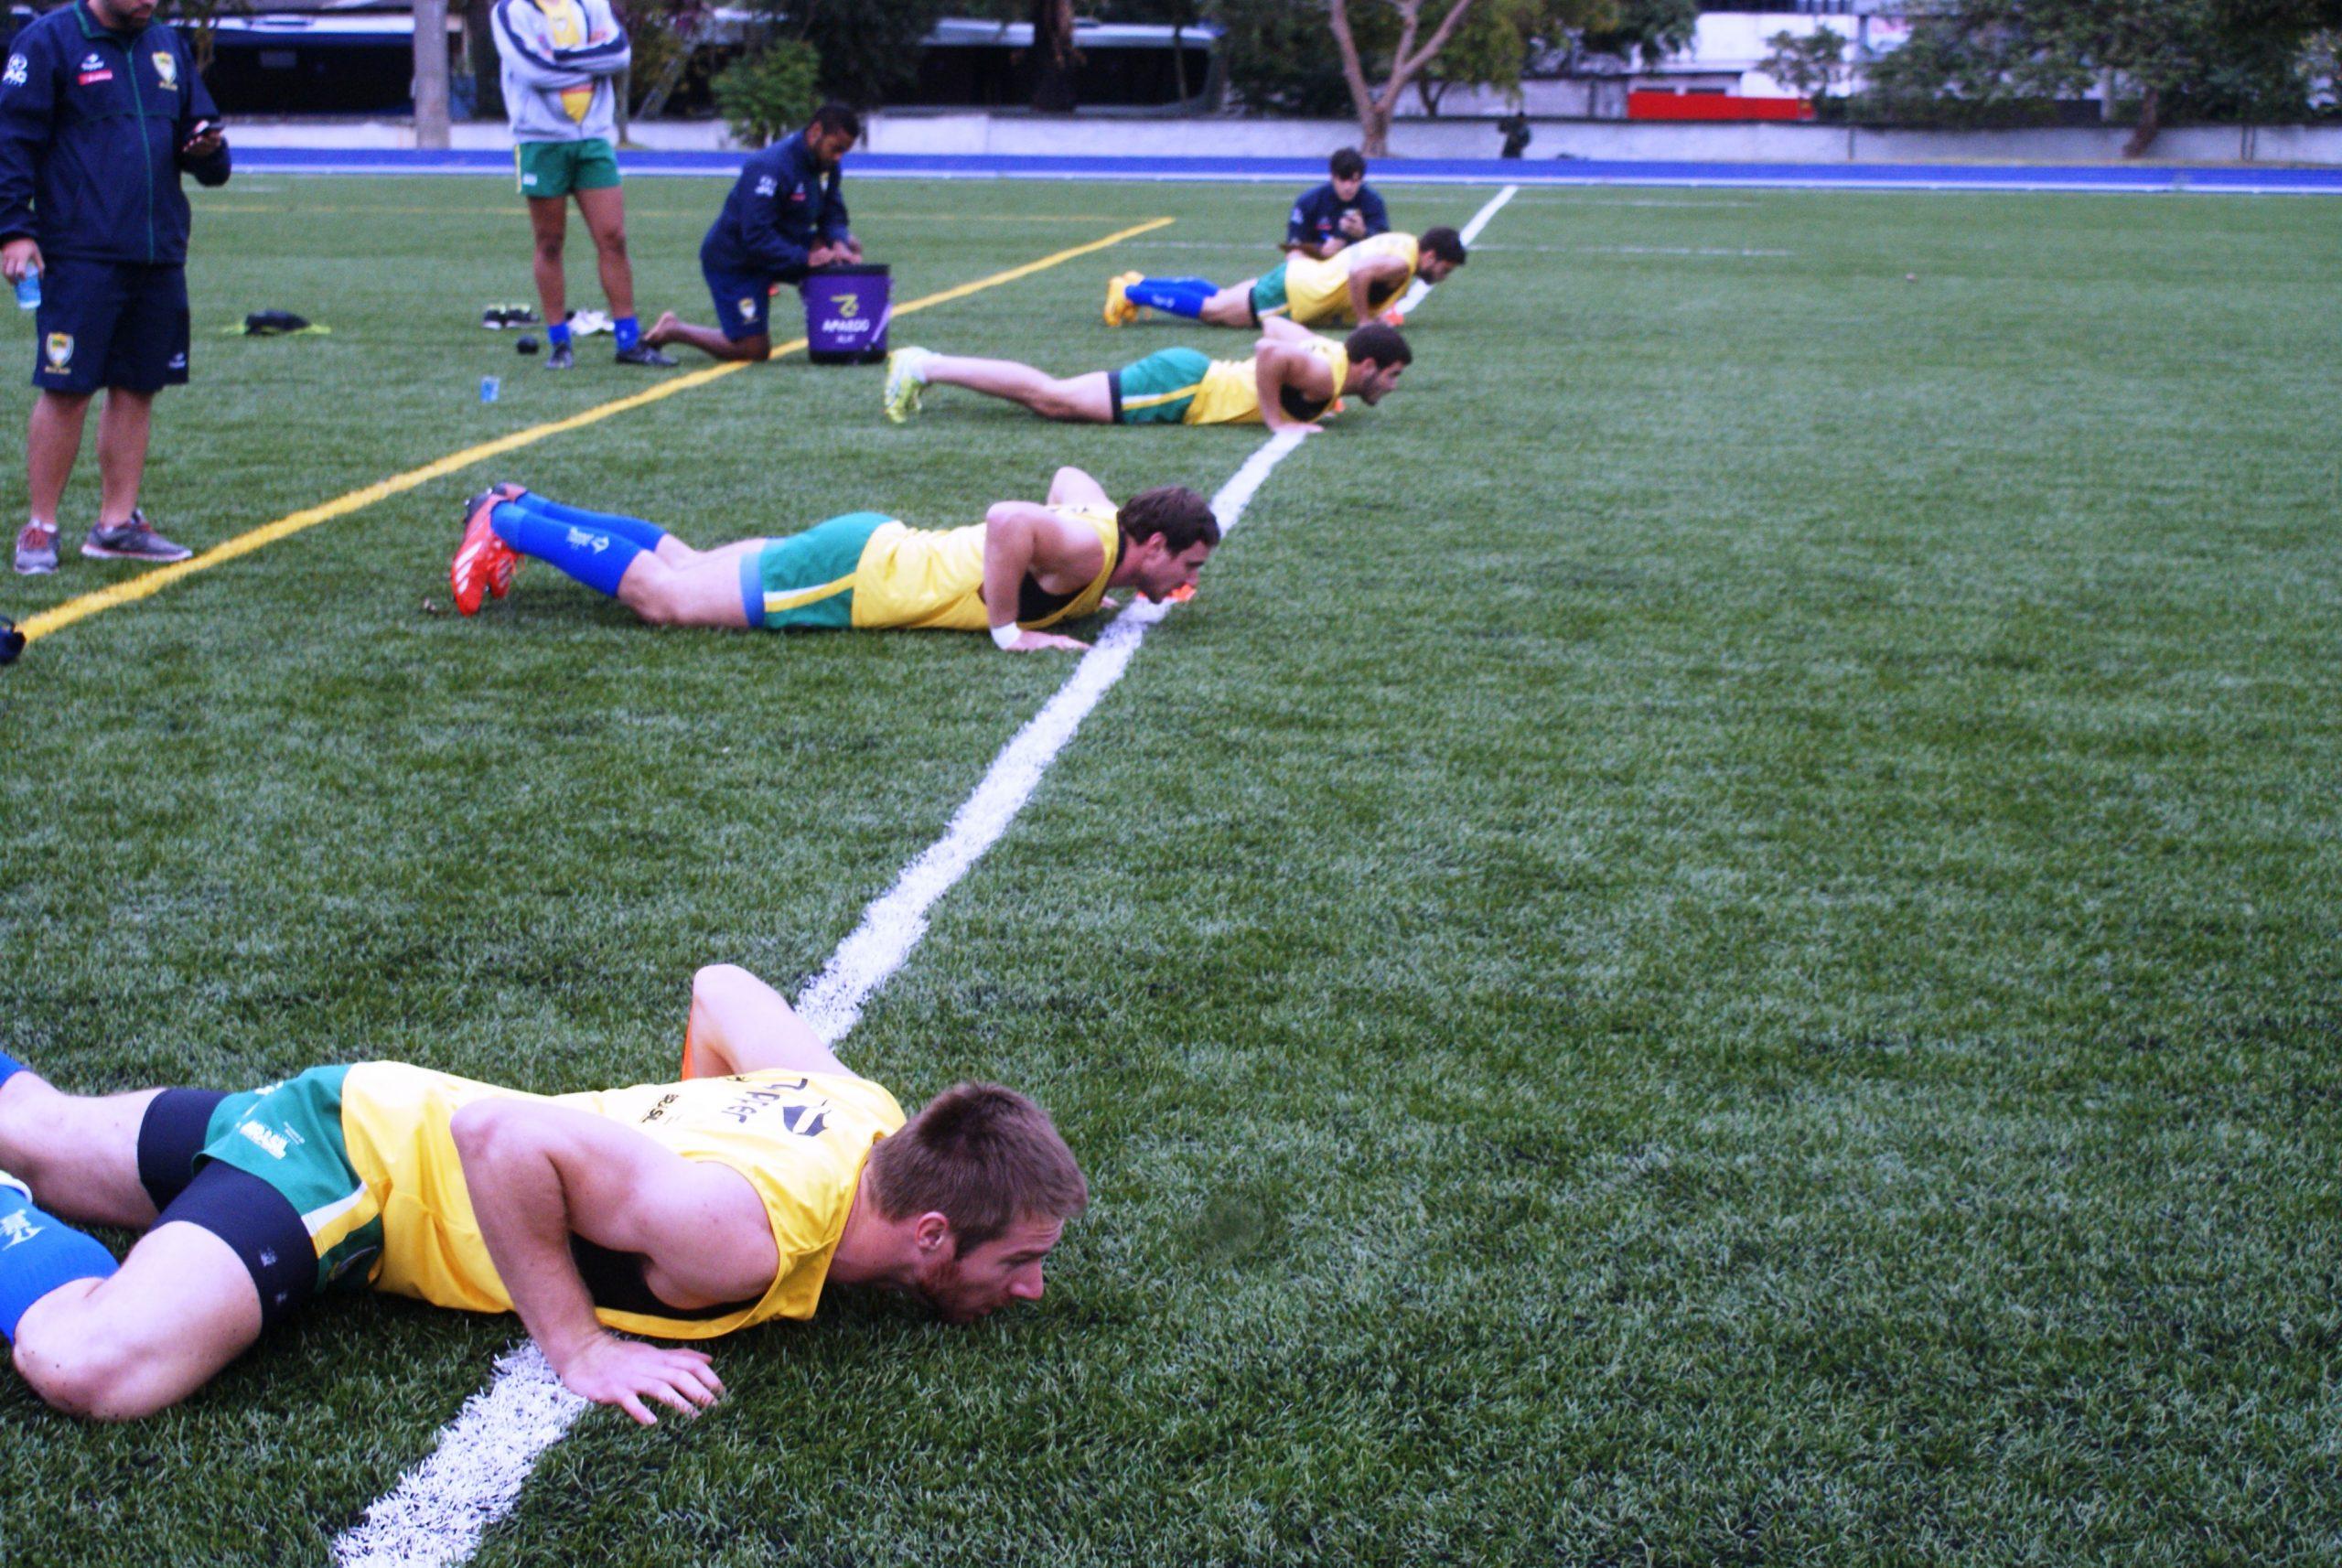 Seleção masculina de Rugby Sevens mostra evolução em suas reavaliações